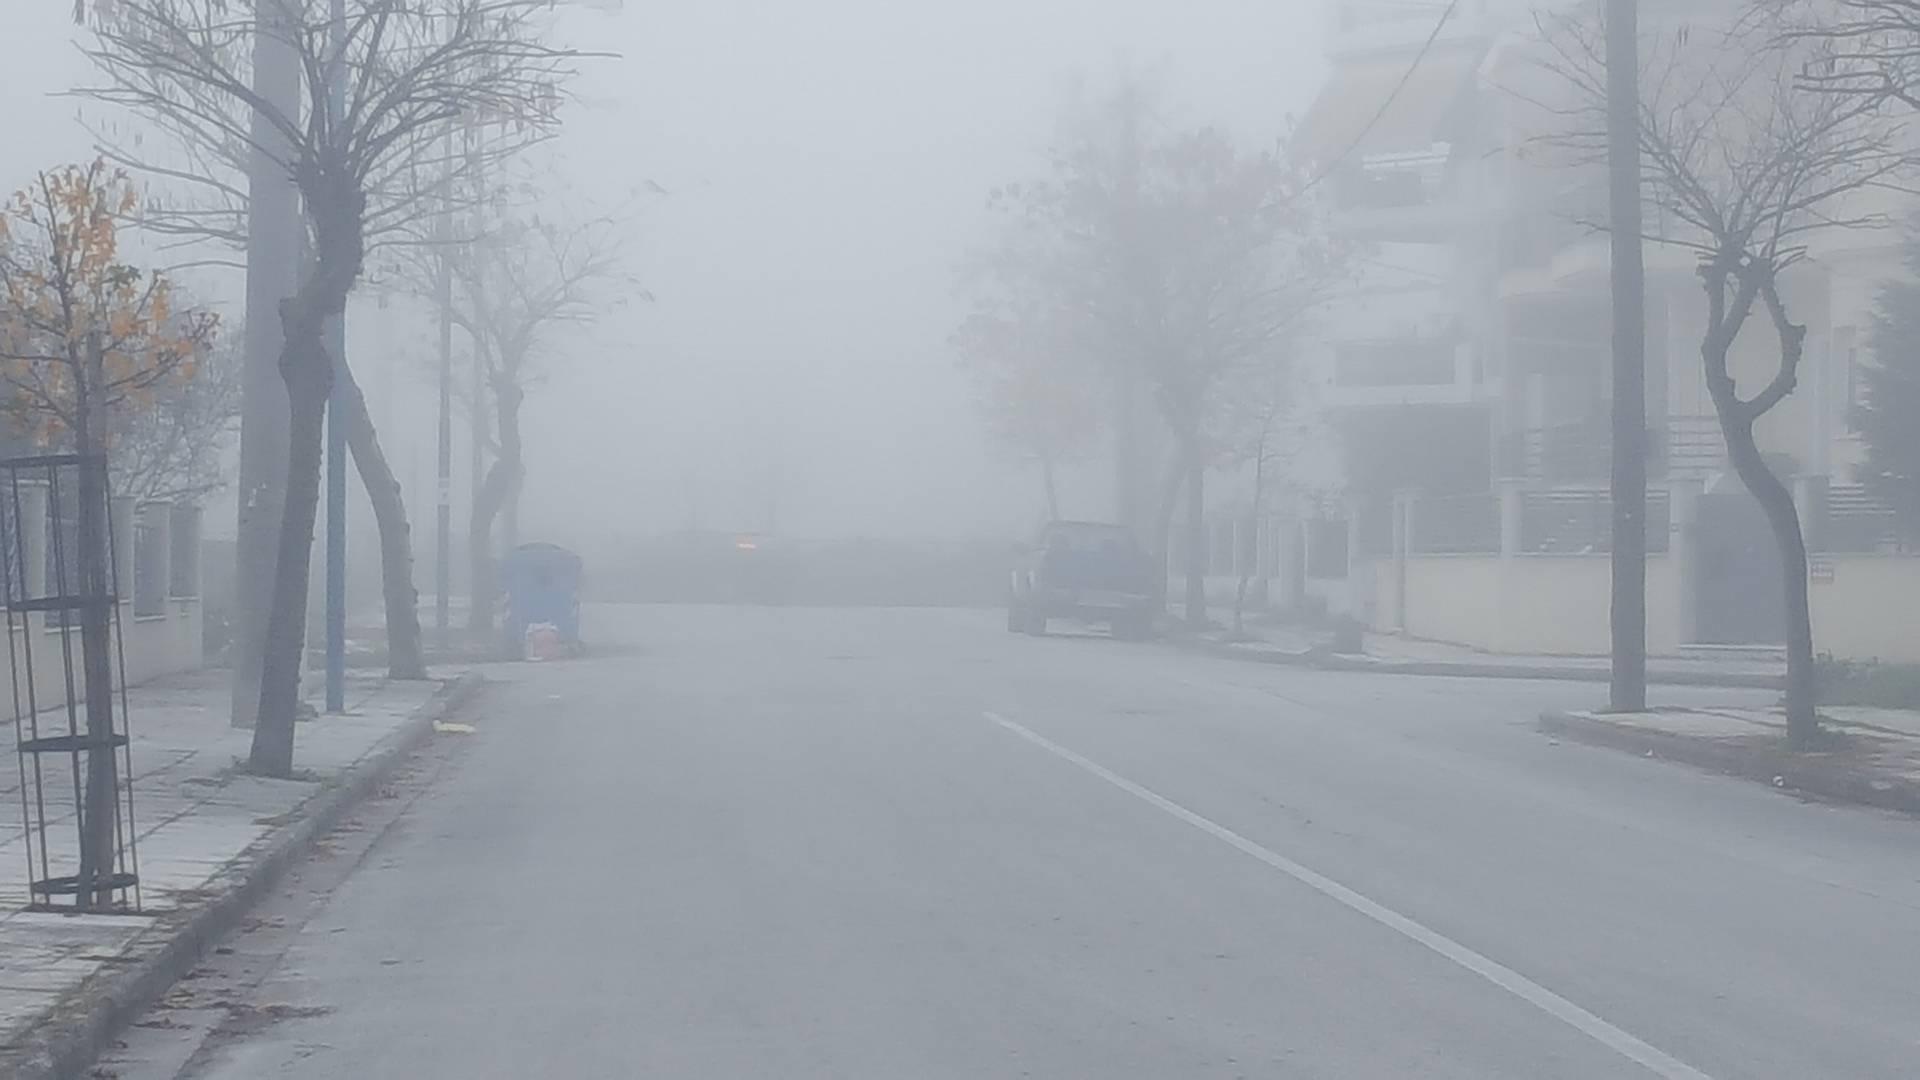 ομιχλη λαρισα (2)